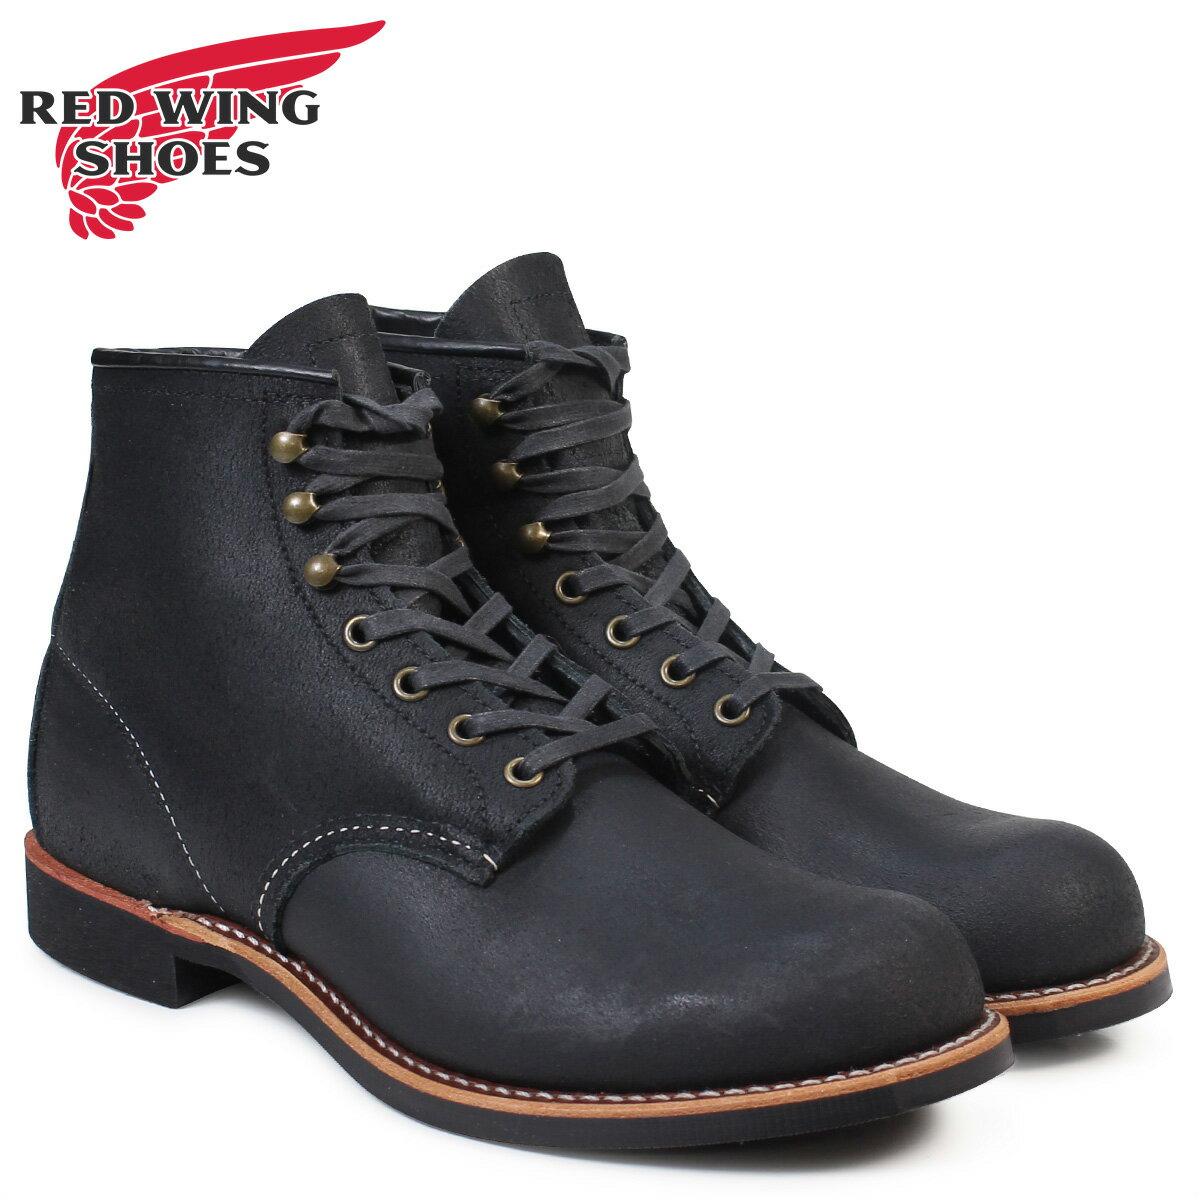 RED WING アイリッシュセッター レッドウィング 2955 ブーツ BLACKSMITH Dワイズ ブラック メンズ